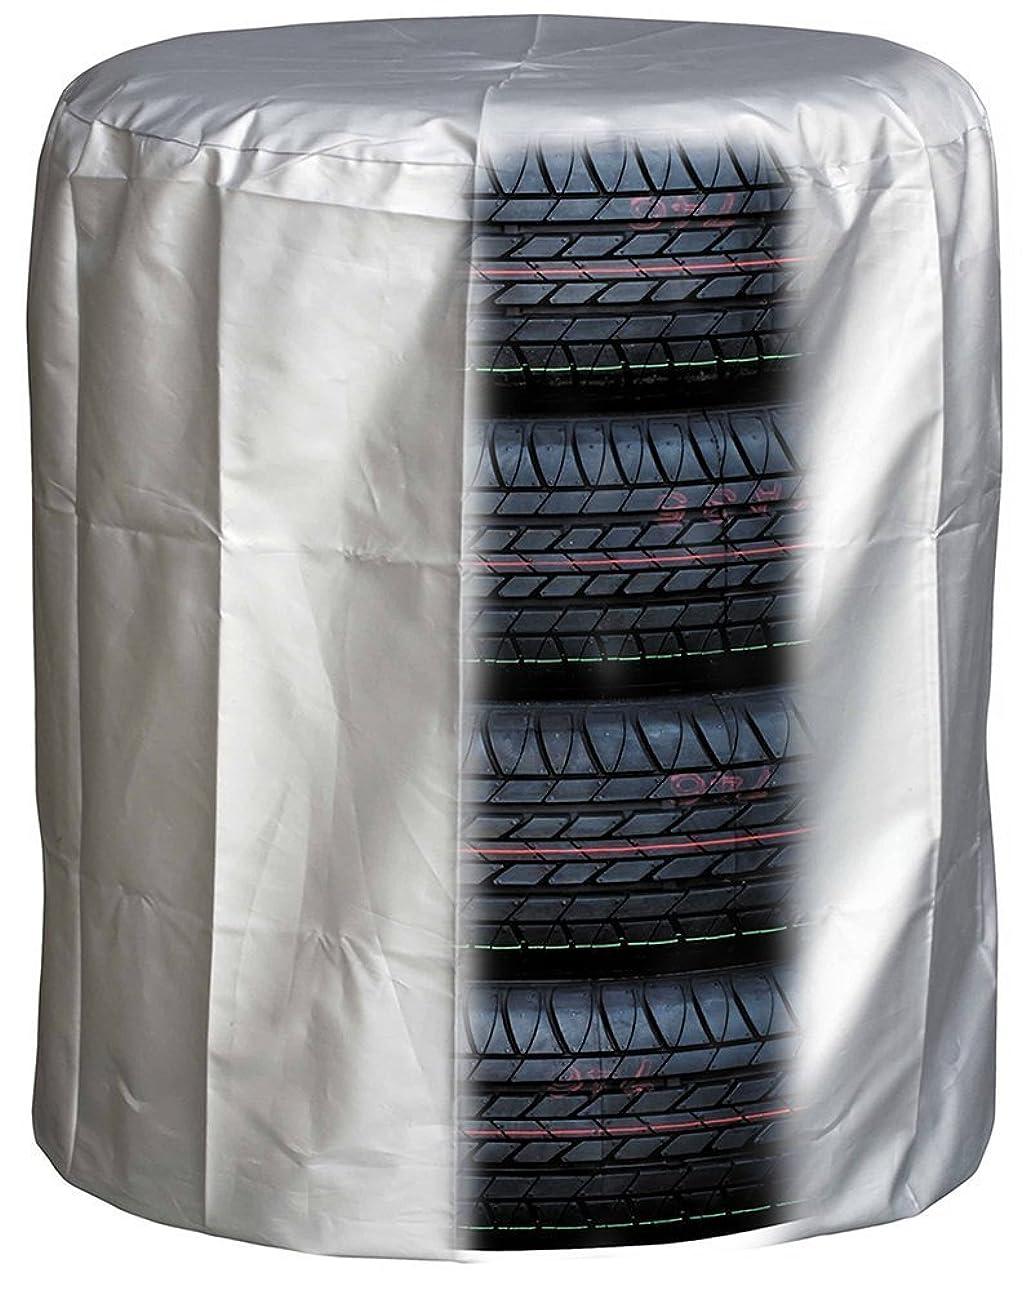 暴徒スケッチアルファベットPIRELLI(ピレリ) サマータイヤ Cinturato P1 205/55R16 91V